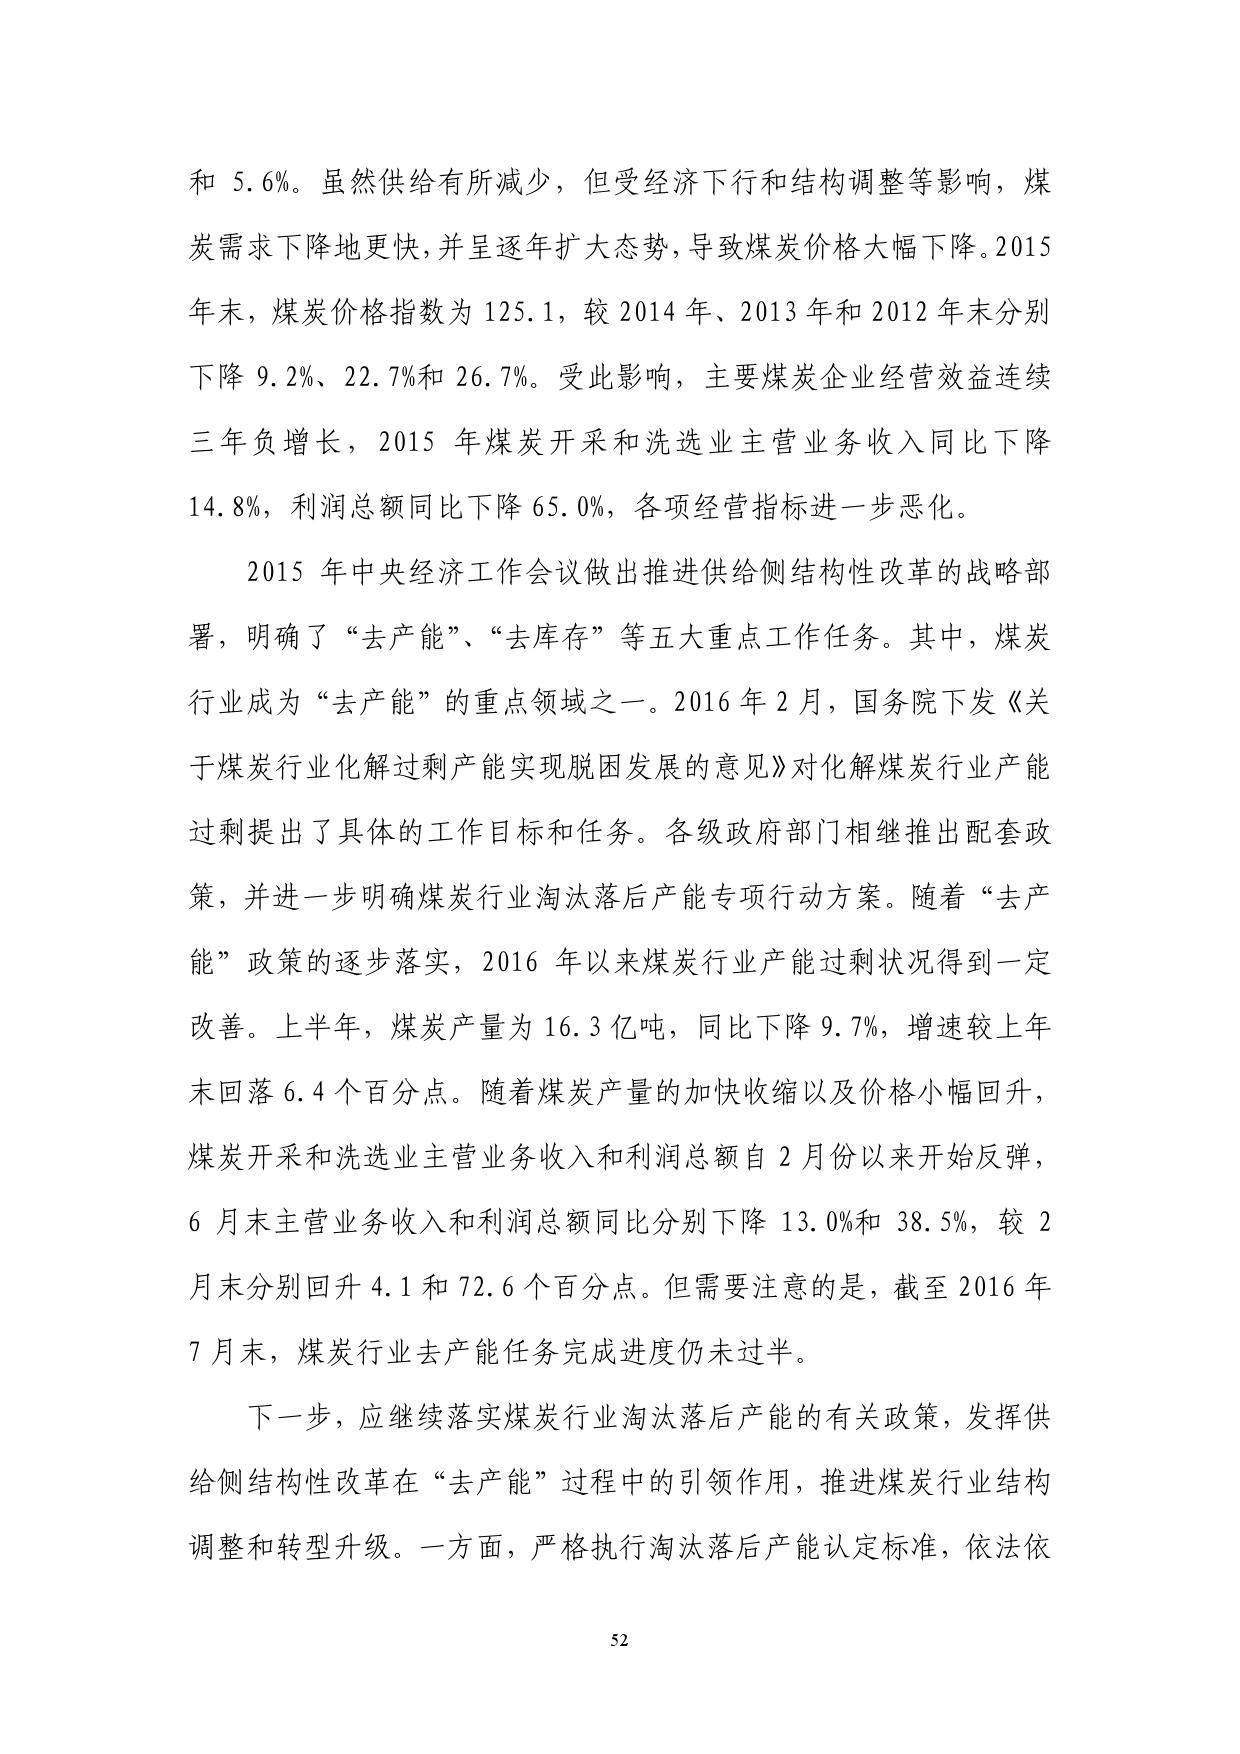 2016年Q2中国货币政策执行报告_000058